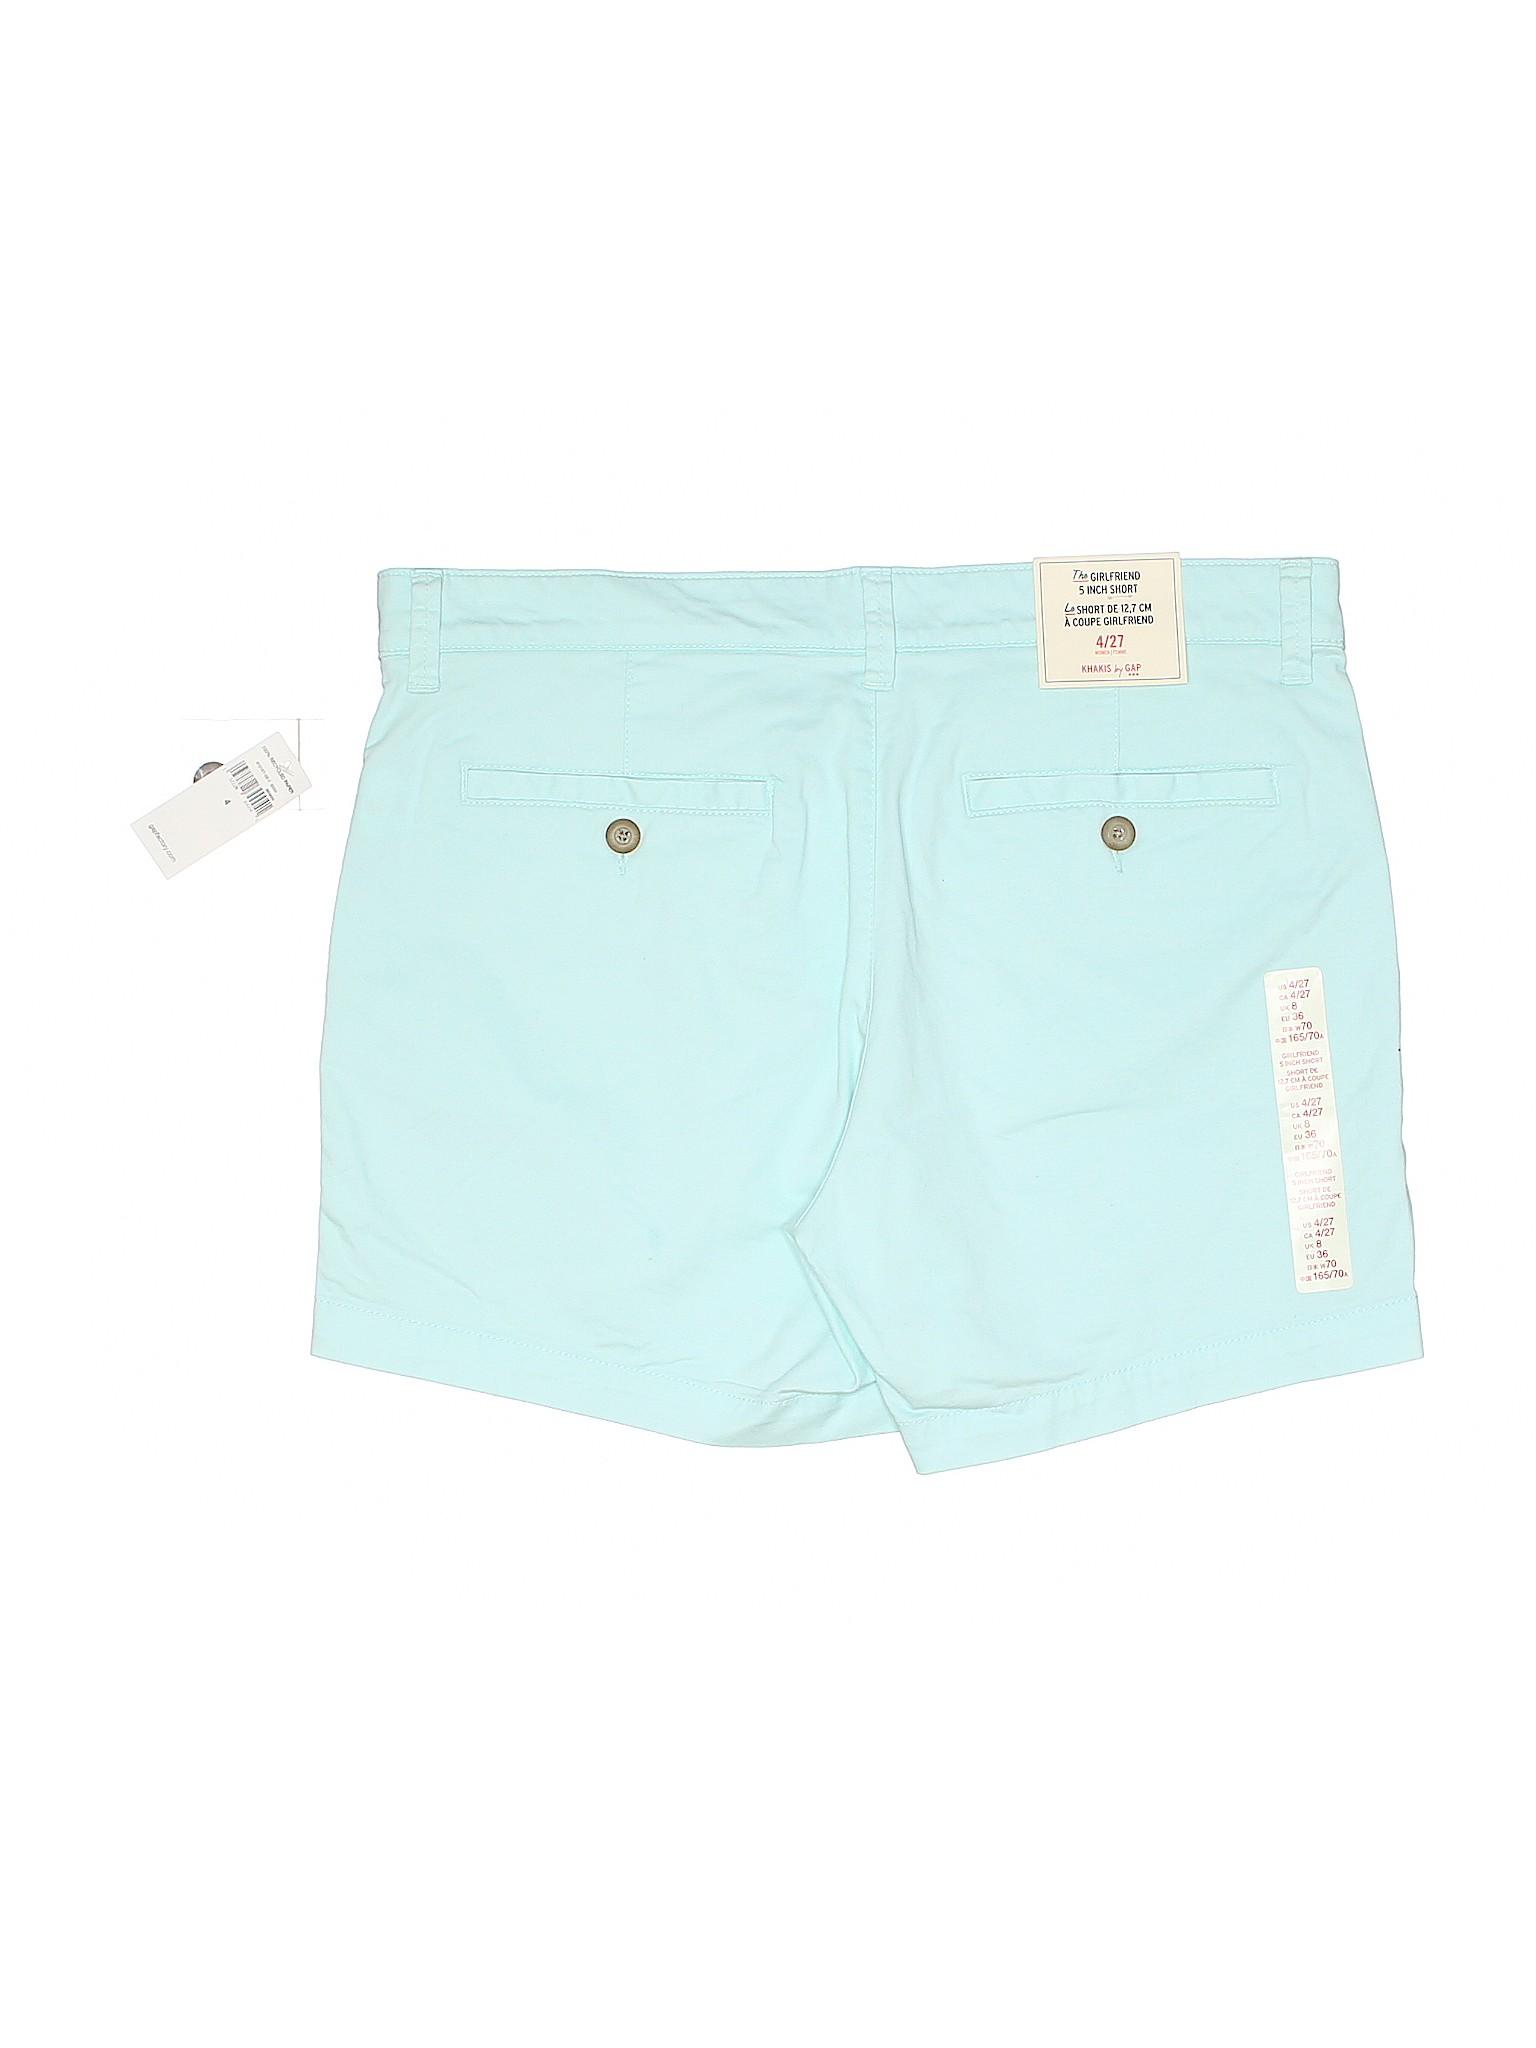 Boutique Boutique Shorts Gap Gap Khaki Outlet O1UOx7